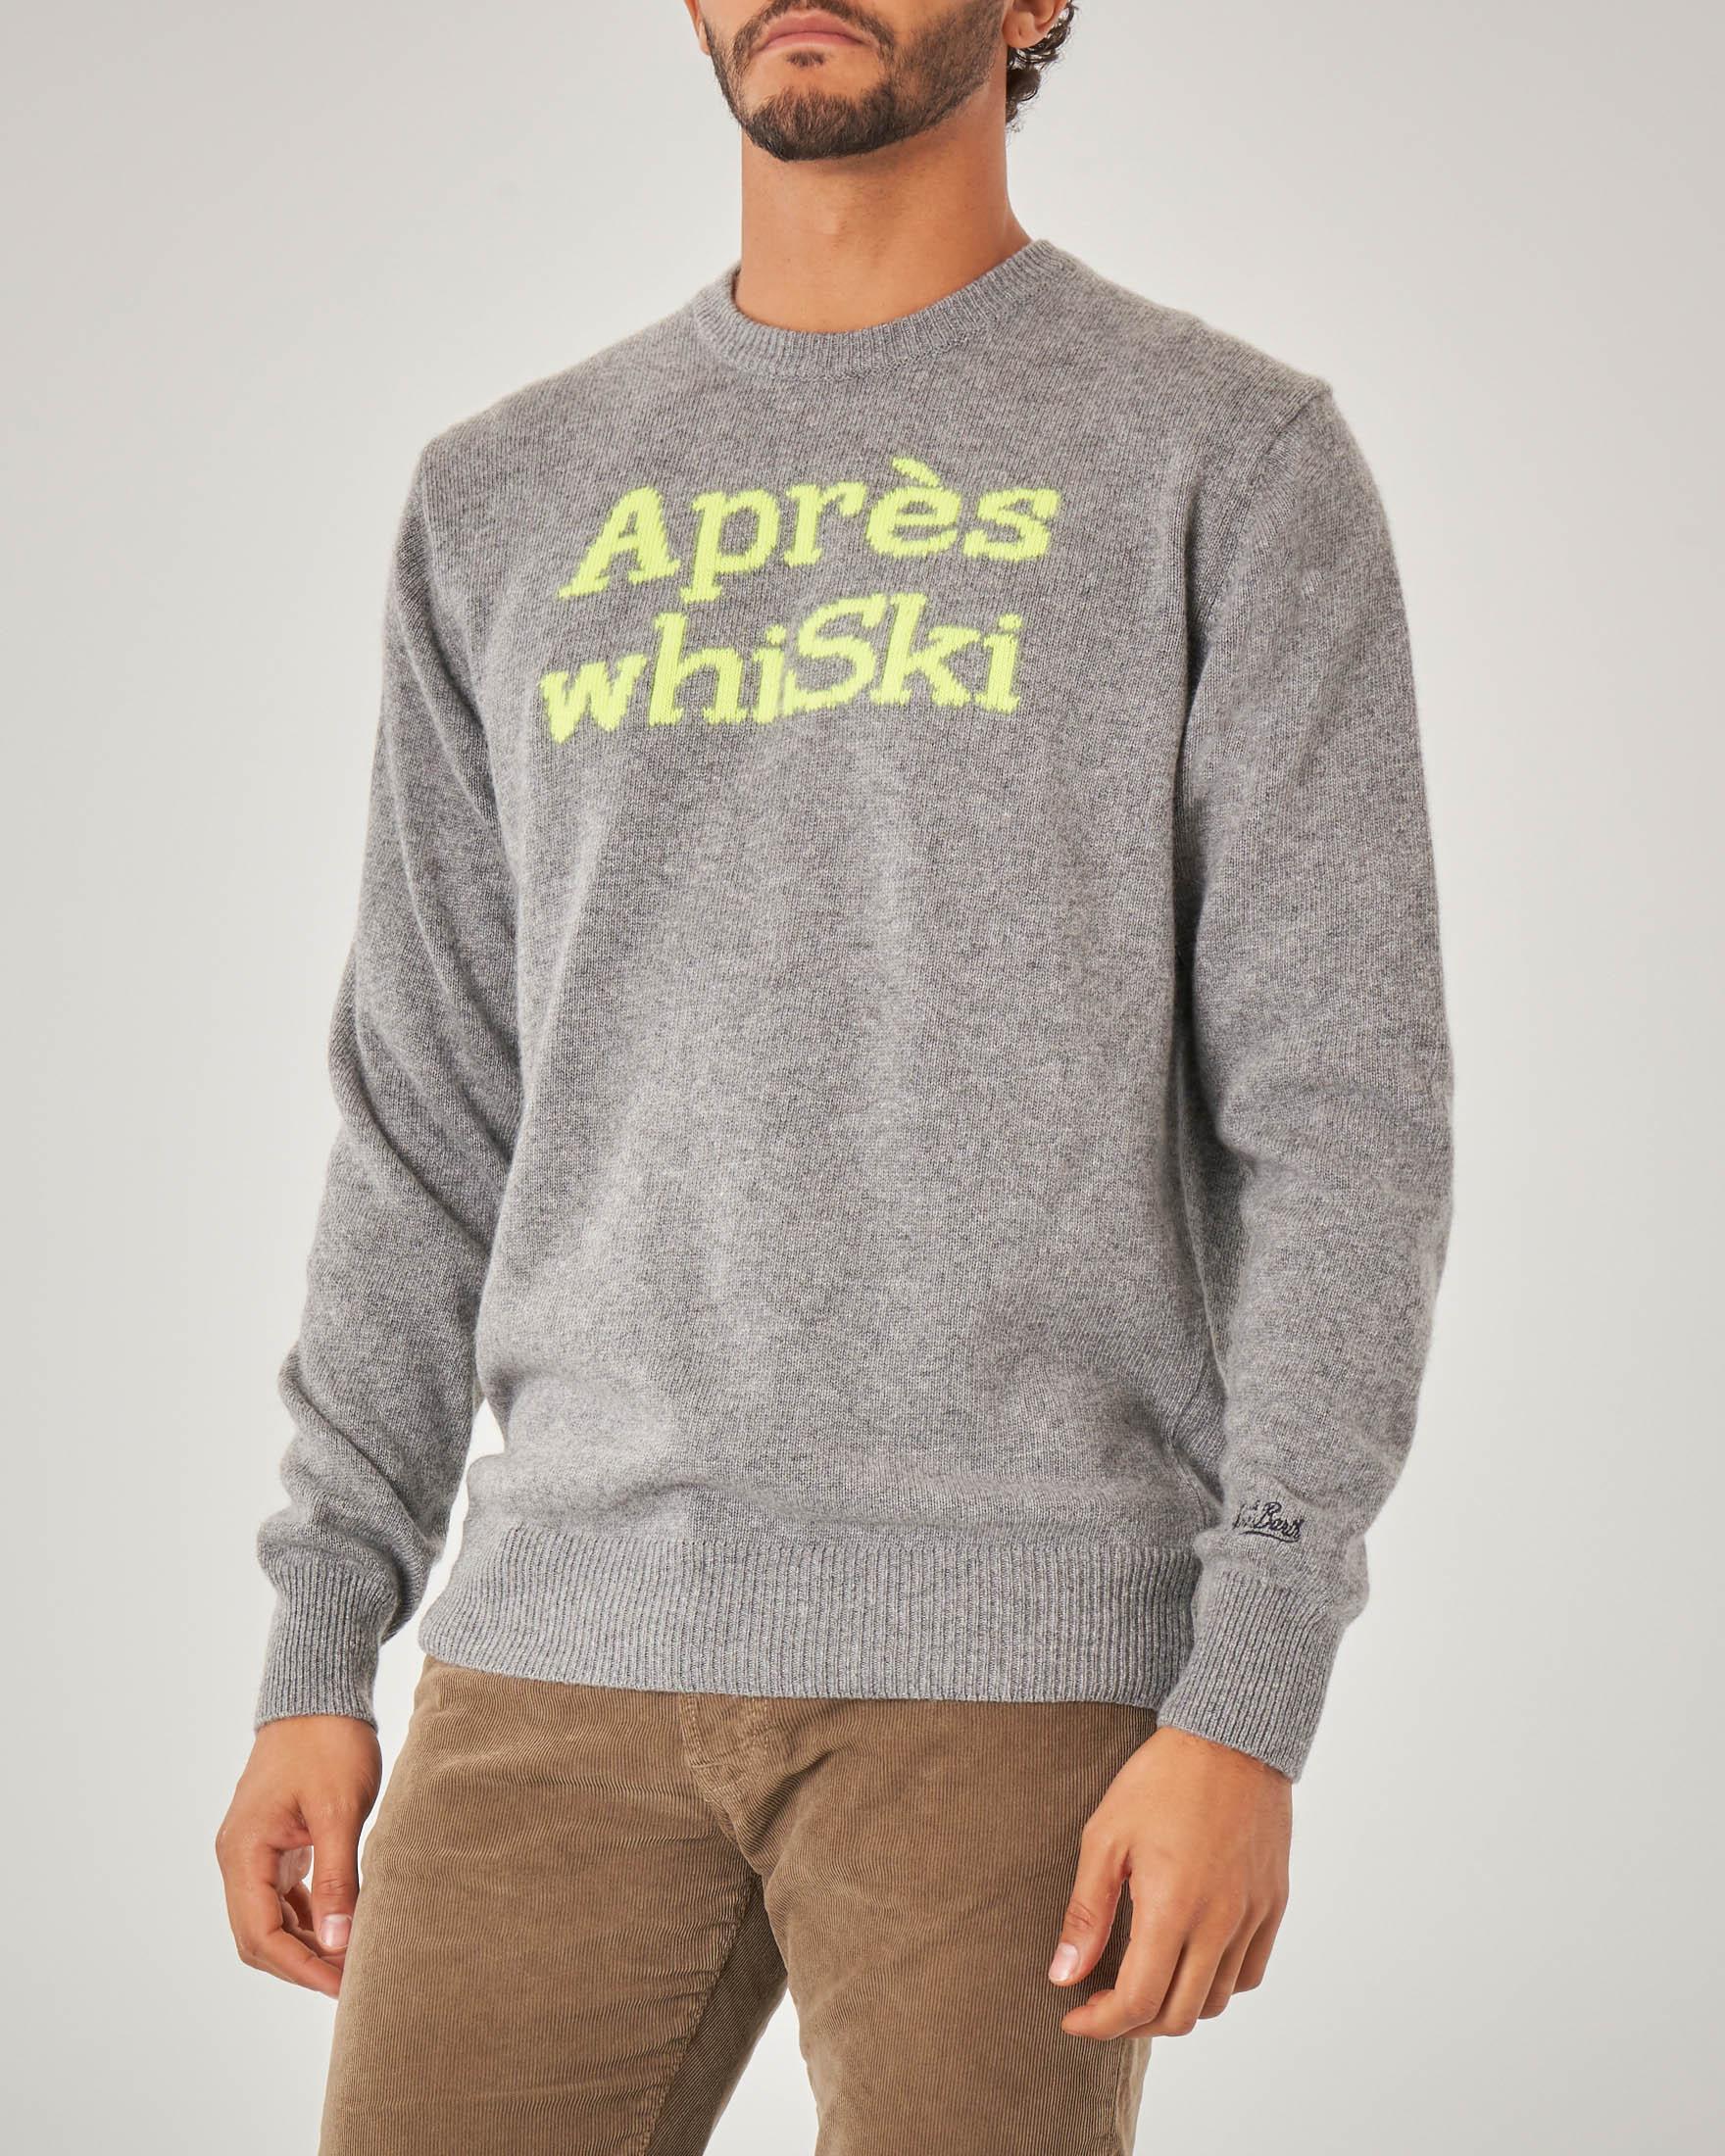 Maglia grigia in misto lana viscosa e cachemire con scritta Après WhiSki